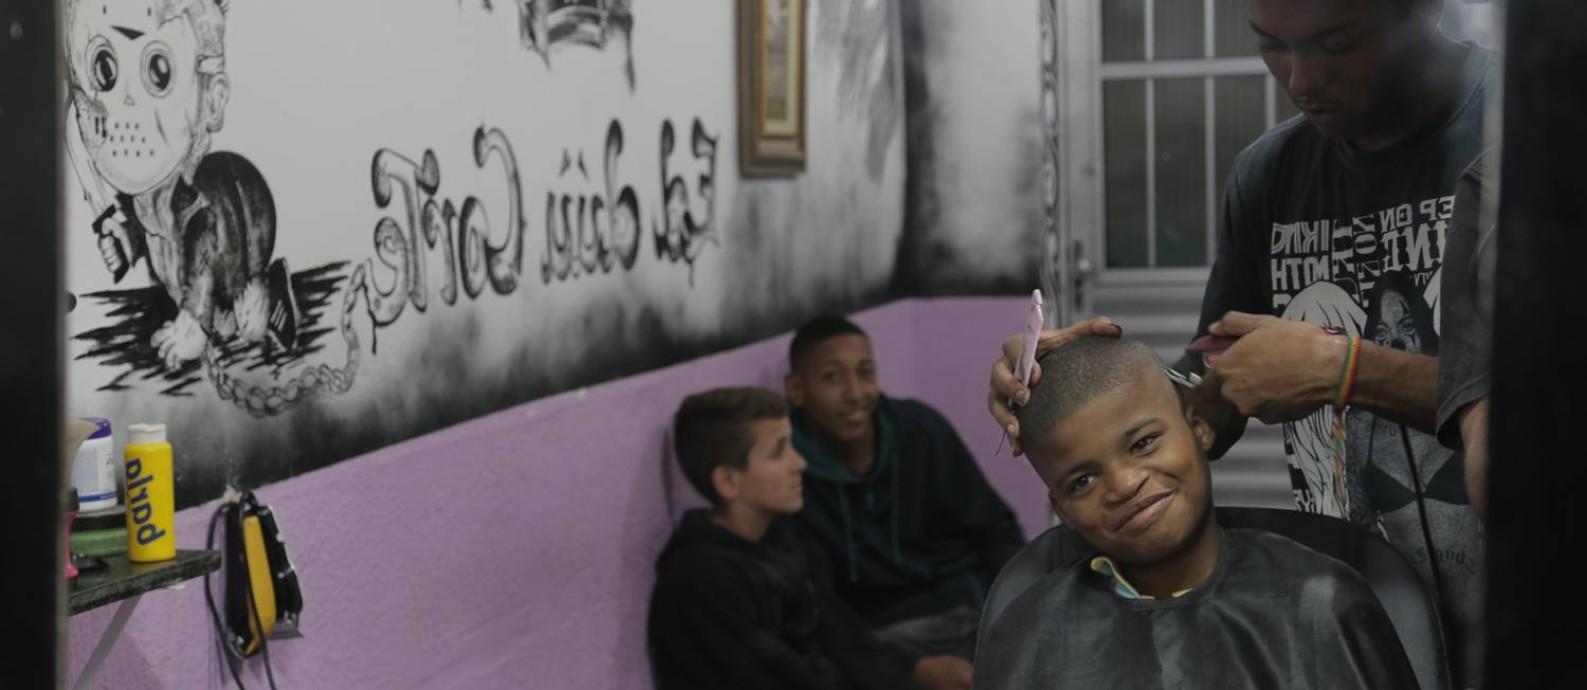 Ed, em seu salão: os barbeiros do filme trabalham duro nos cortes artísticos e atuam também como ouvintes e conselheiros dos seus clientes Foto: Divulgação/Saulo Nicolai